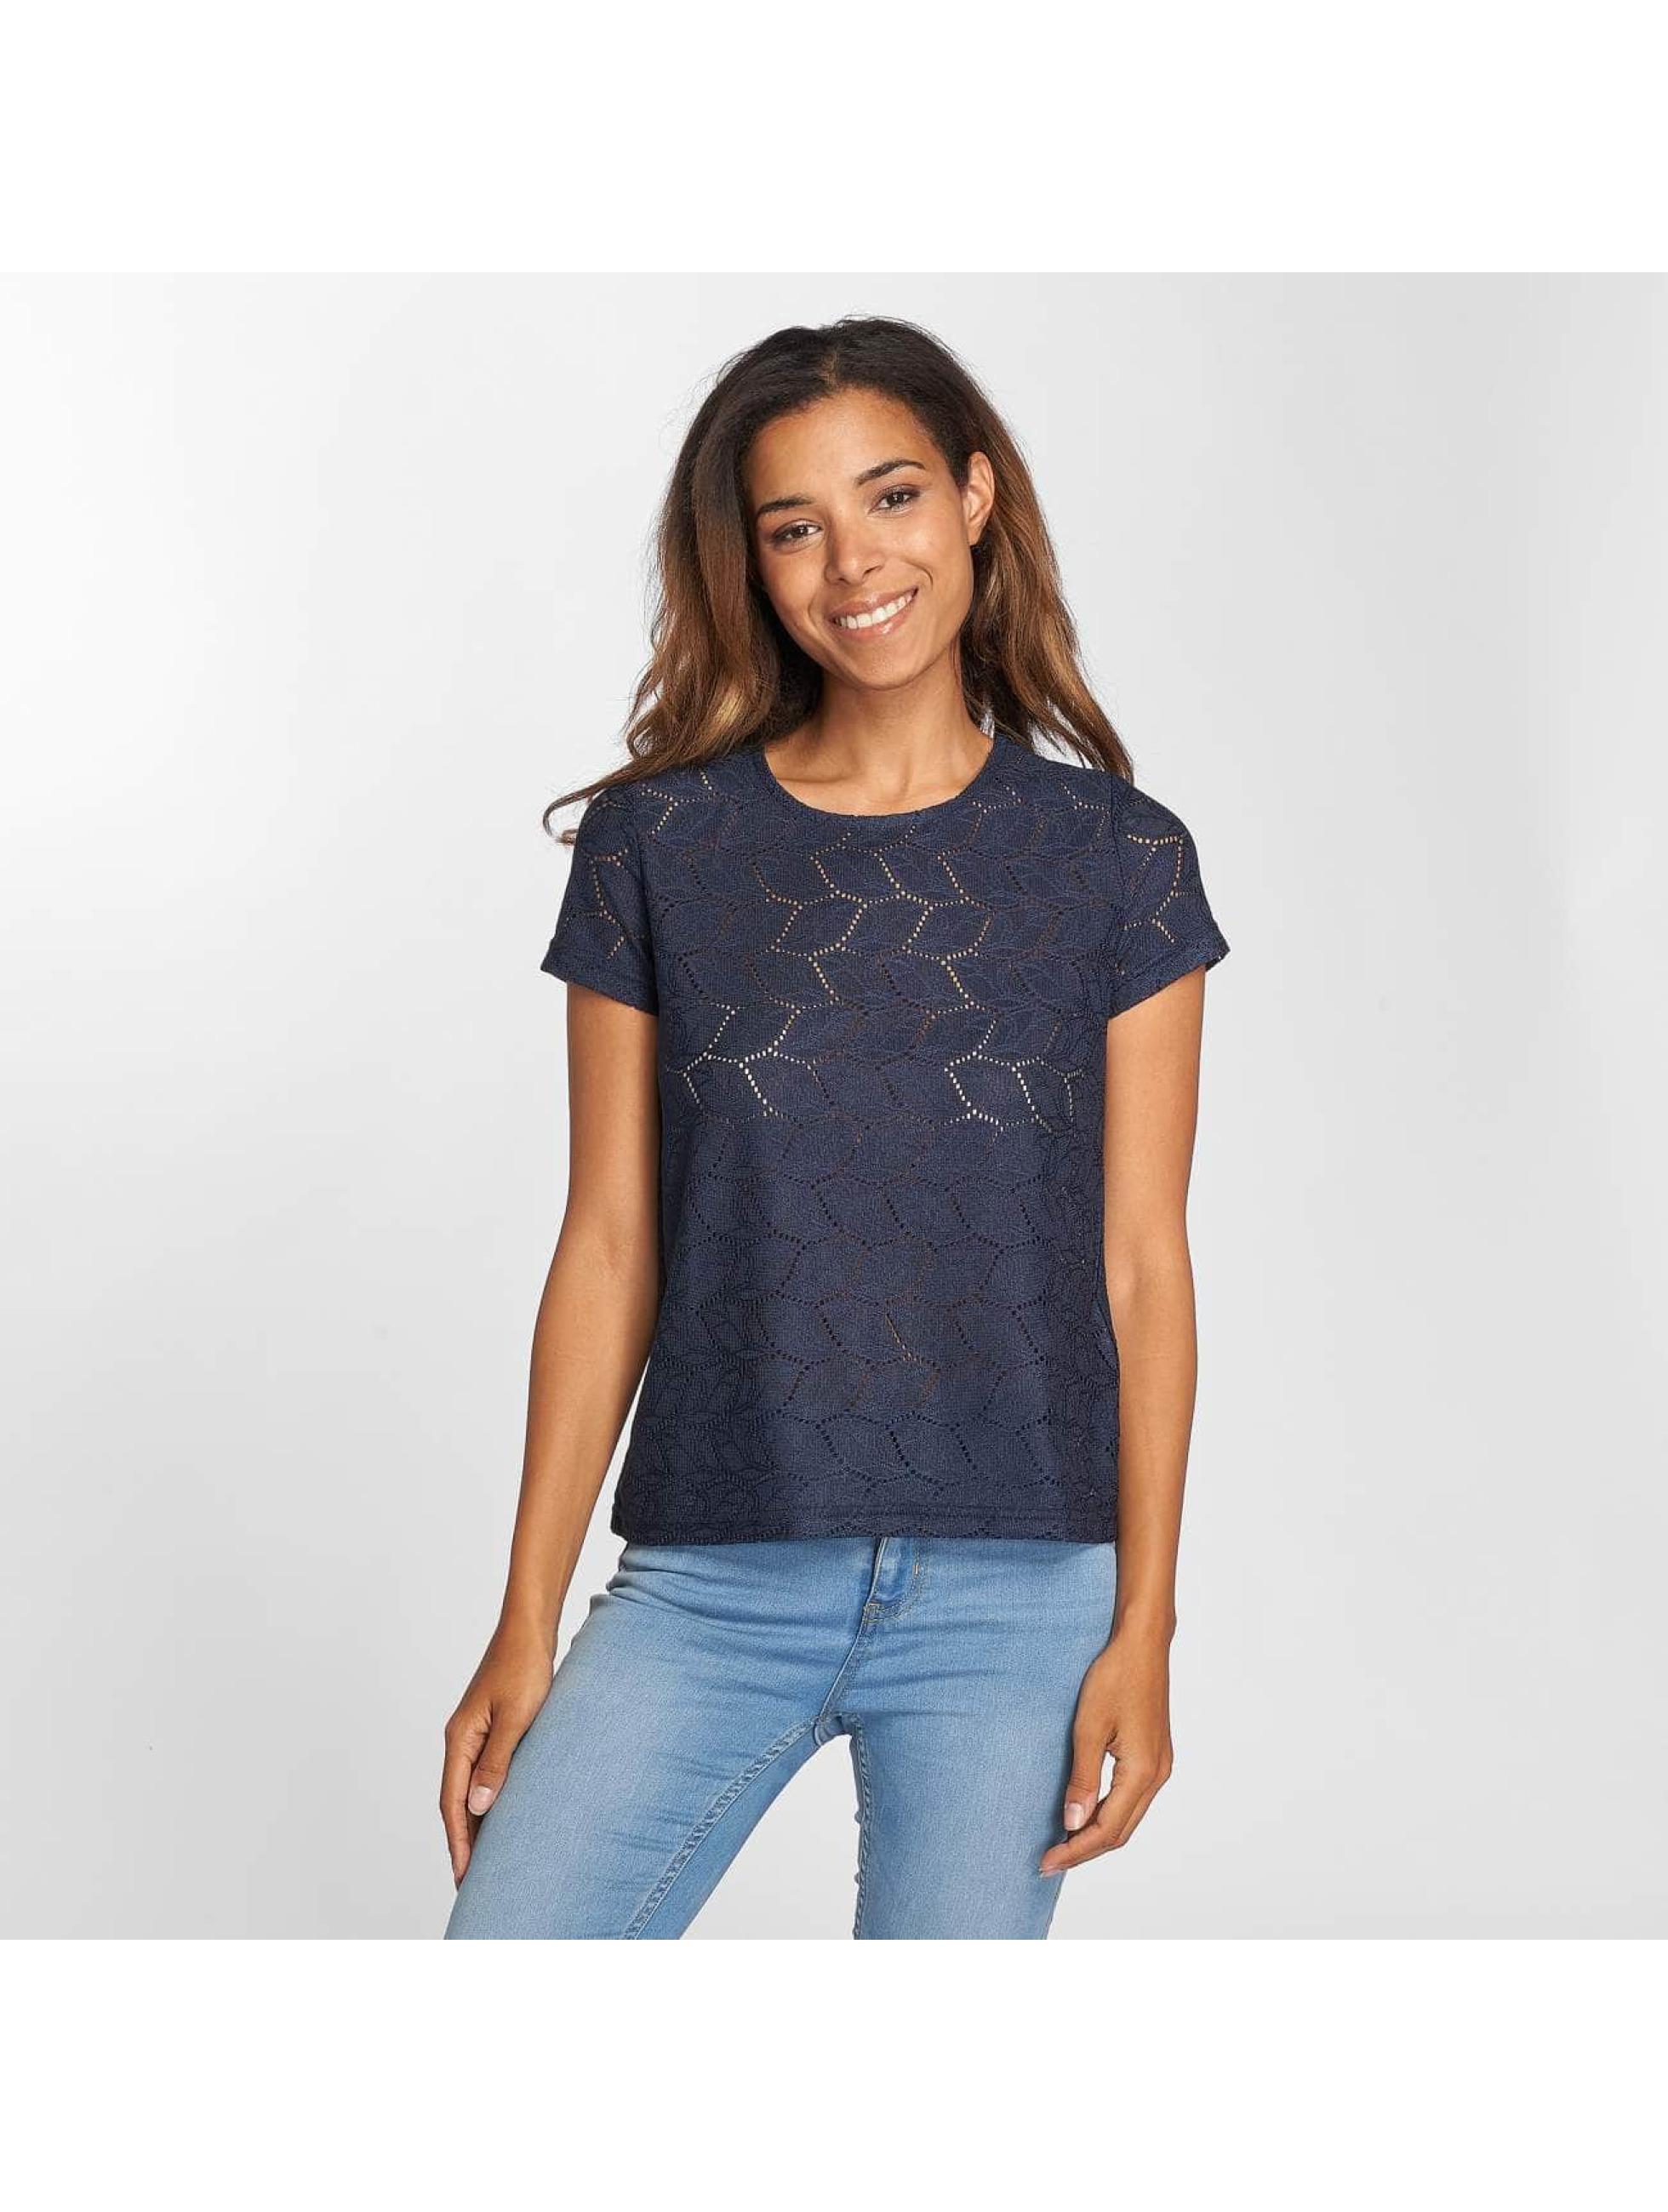 4f3ad695c058 JACQUELINE de YONG Damen T-Shirt jdyTag Lace in blau 434361